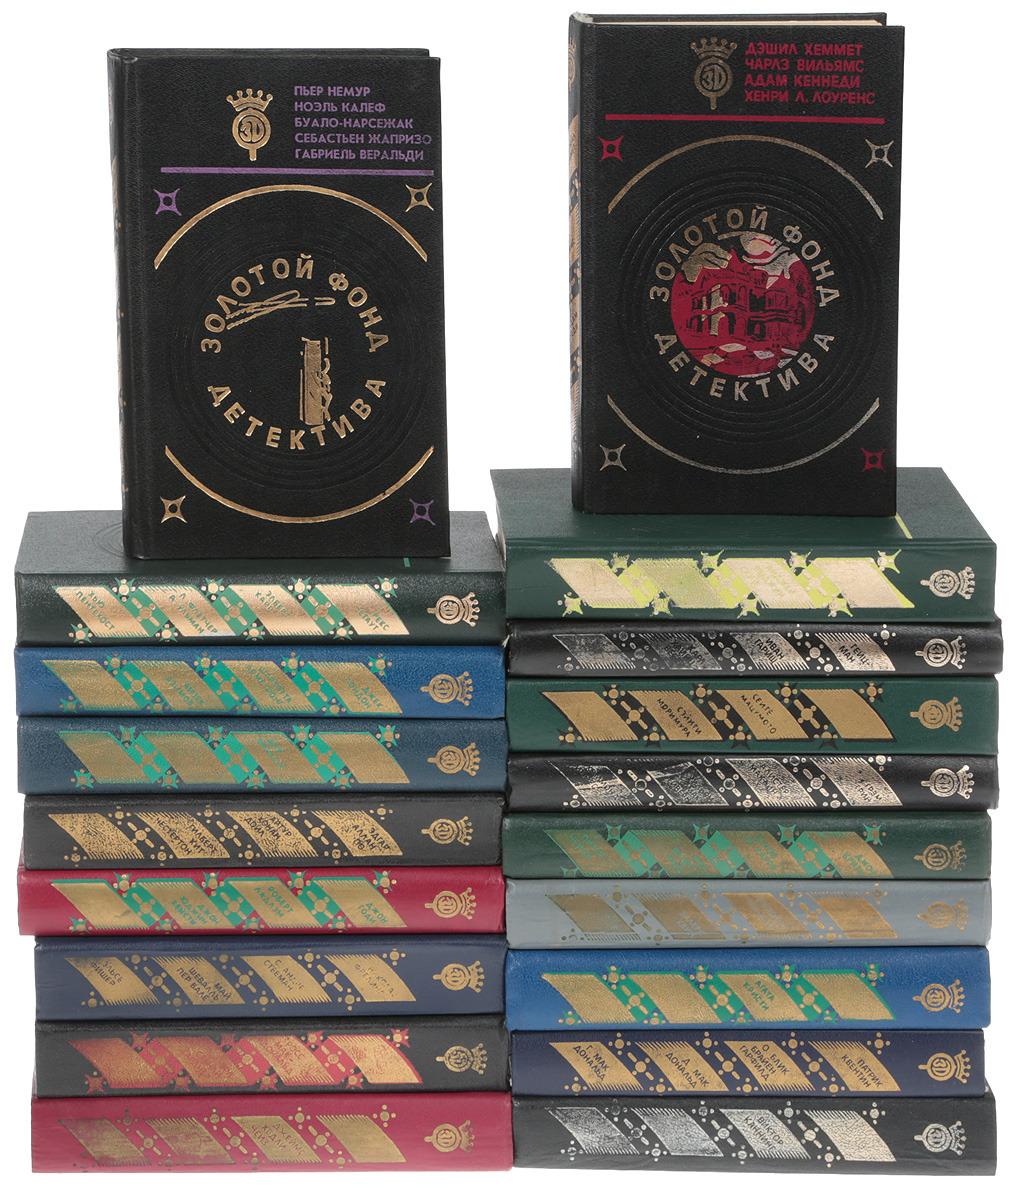 Серия Золотой фонд детектива (комплект из 19 книг) серия золотой век детектива комплект из 22 книг page 7